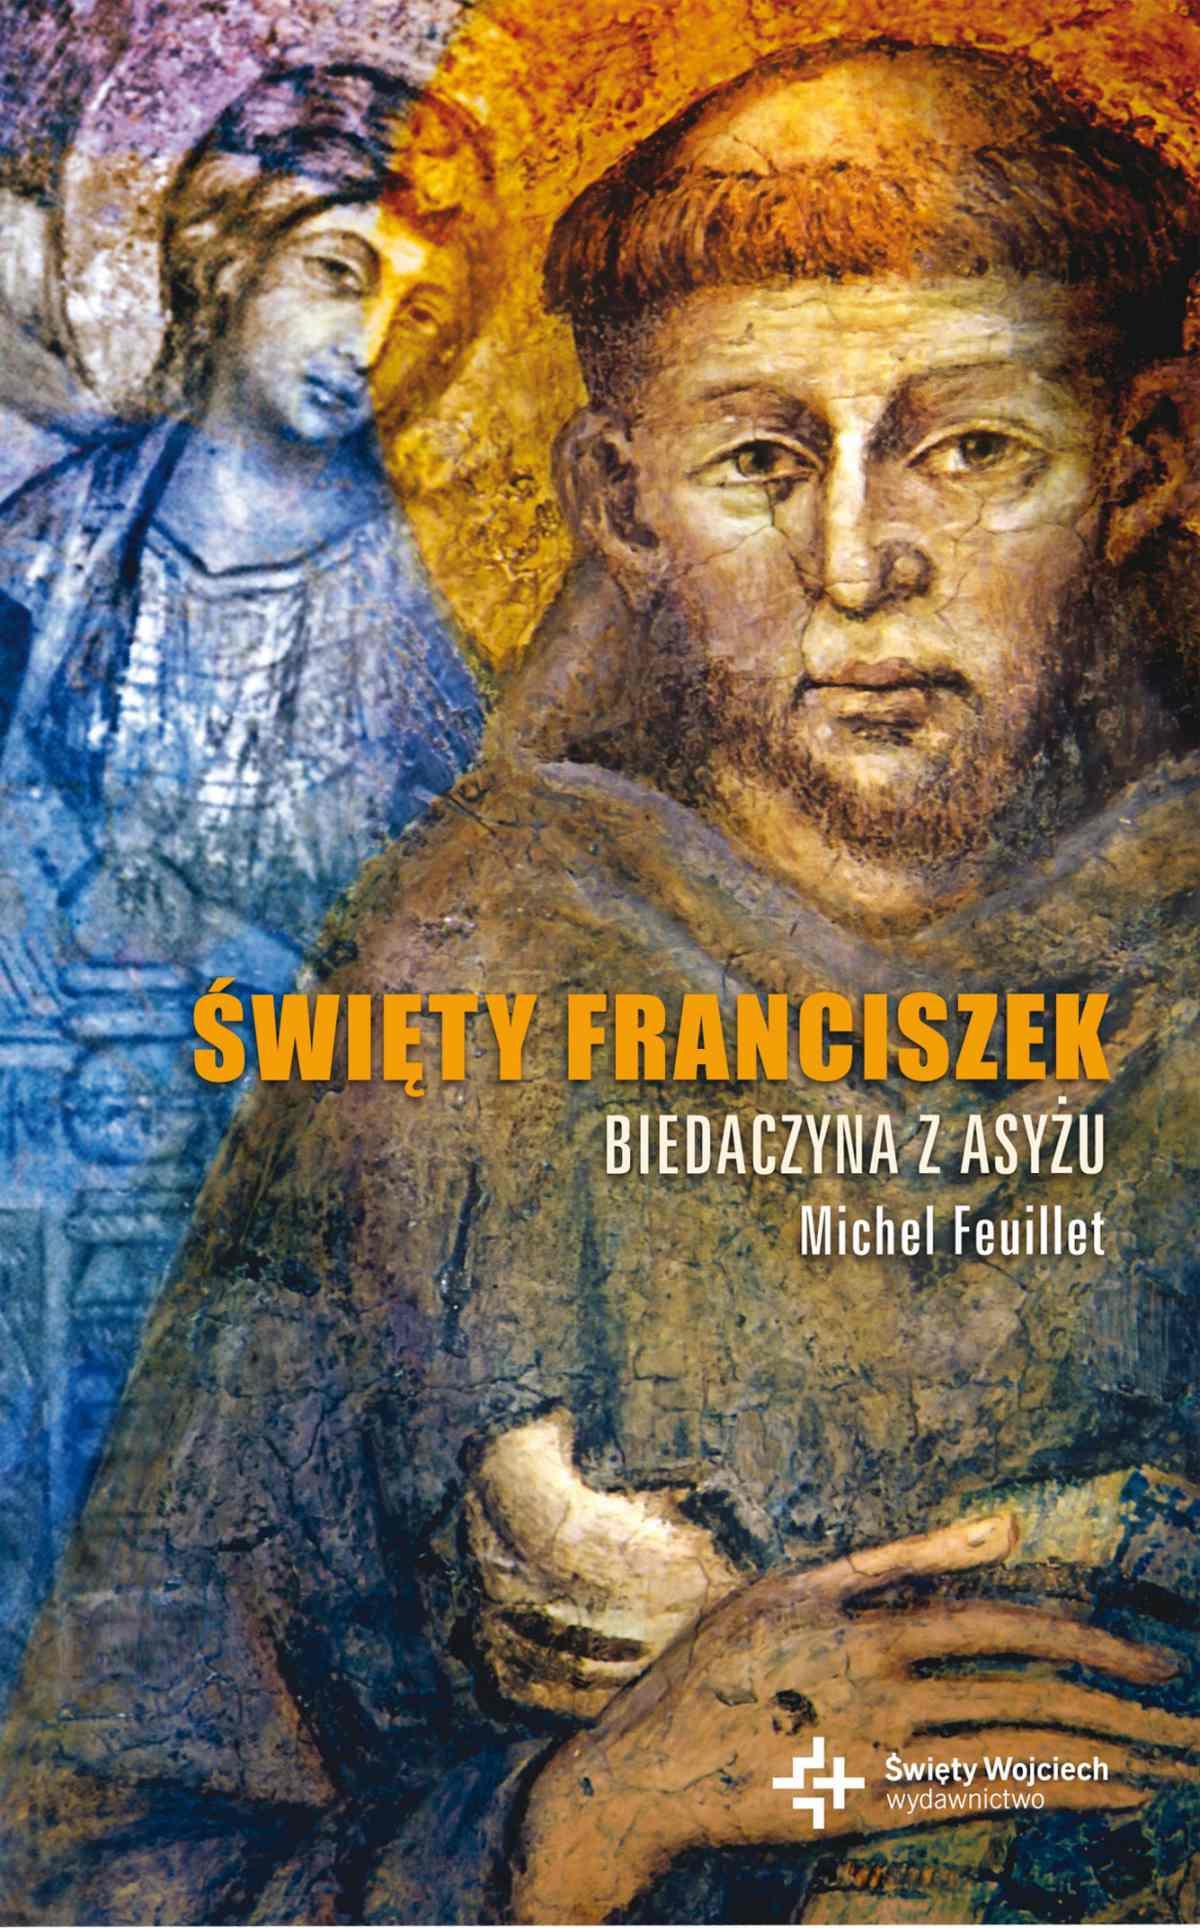 Święty Franciszek - Ebook (Książka EPUB) do pobrania w formacie EPUB